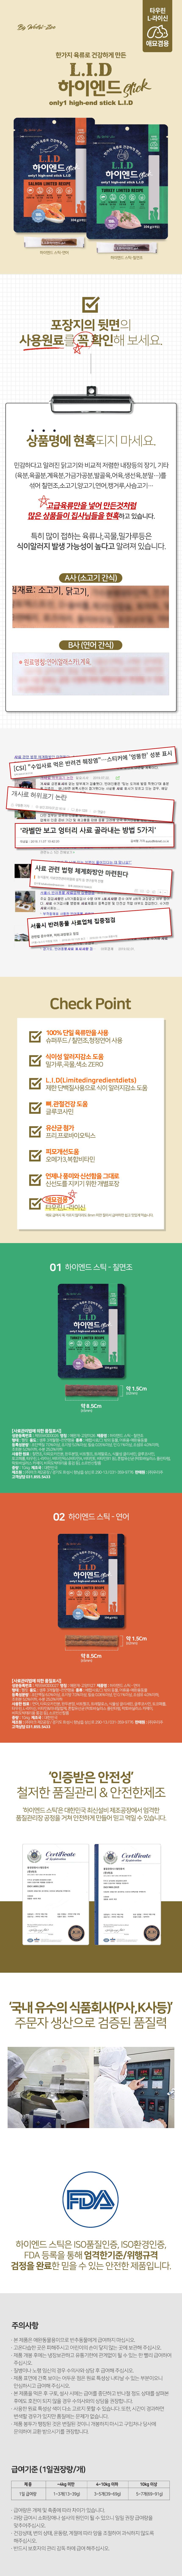 우리주 하이엔드 스틱 1개입, 맛랜덤